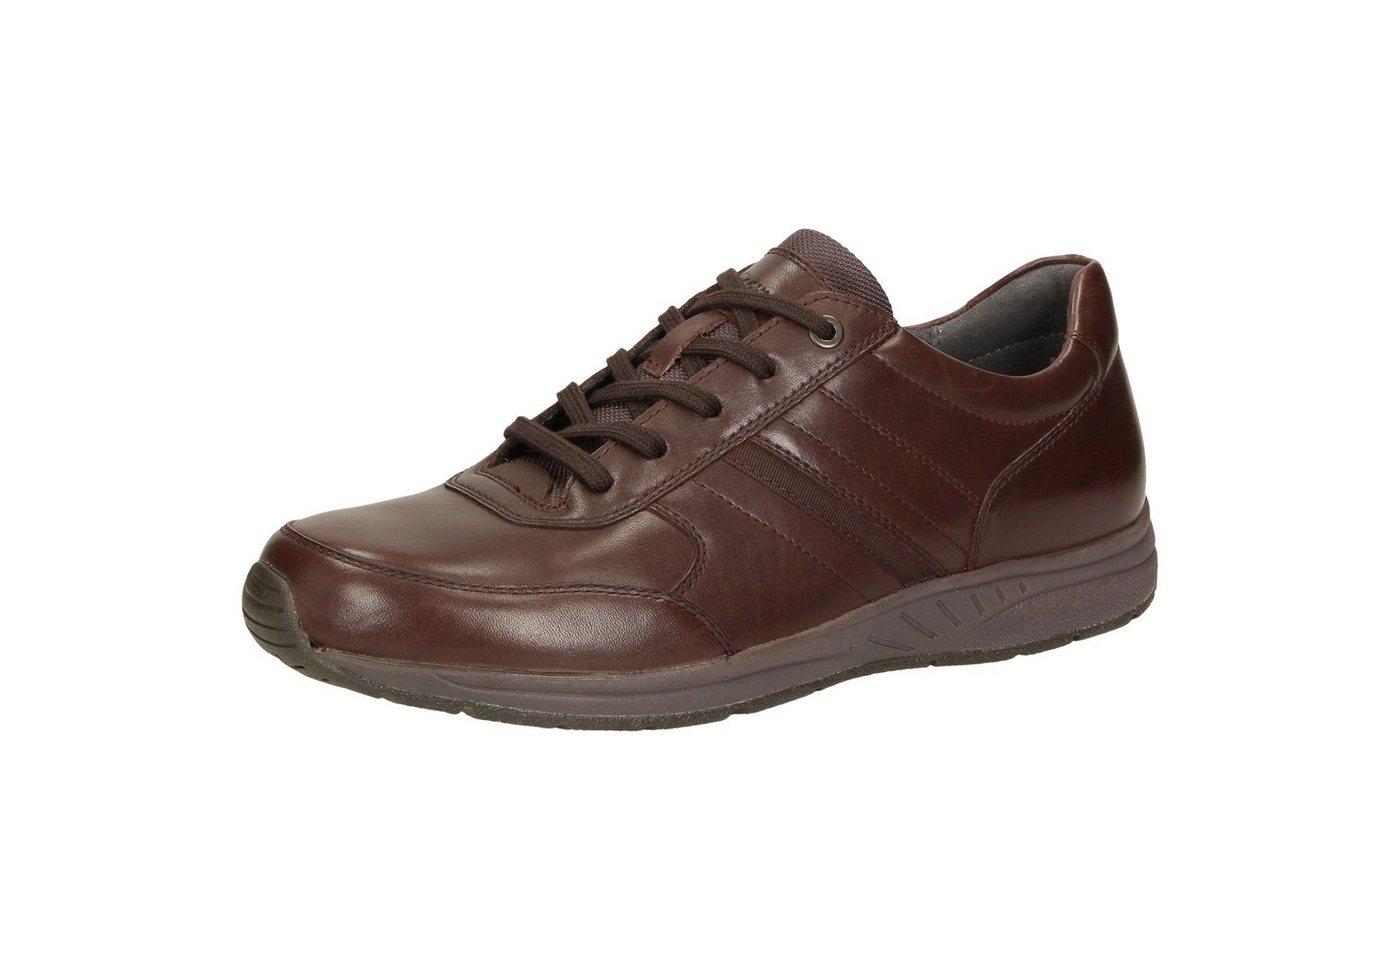 Herren SIOUX Fabirio-703 Sneaker braun   04054765500233